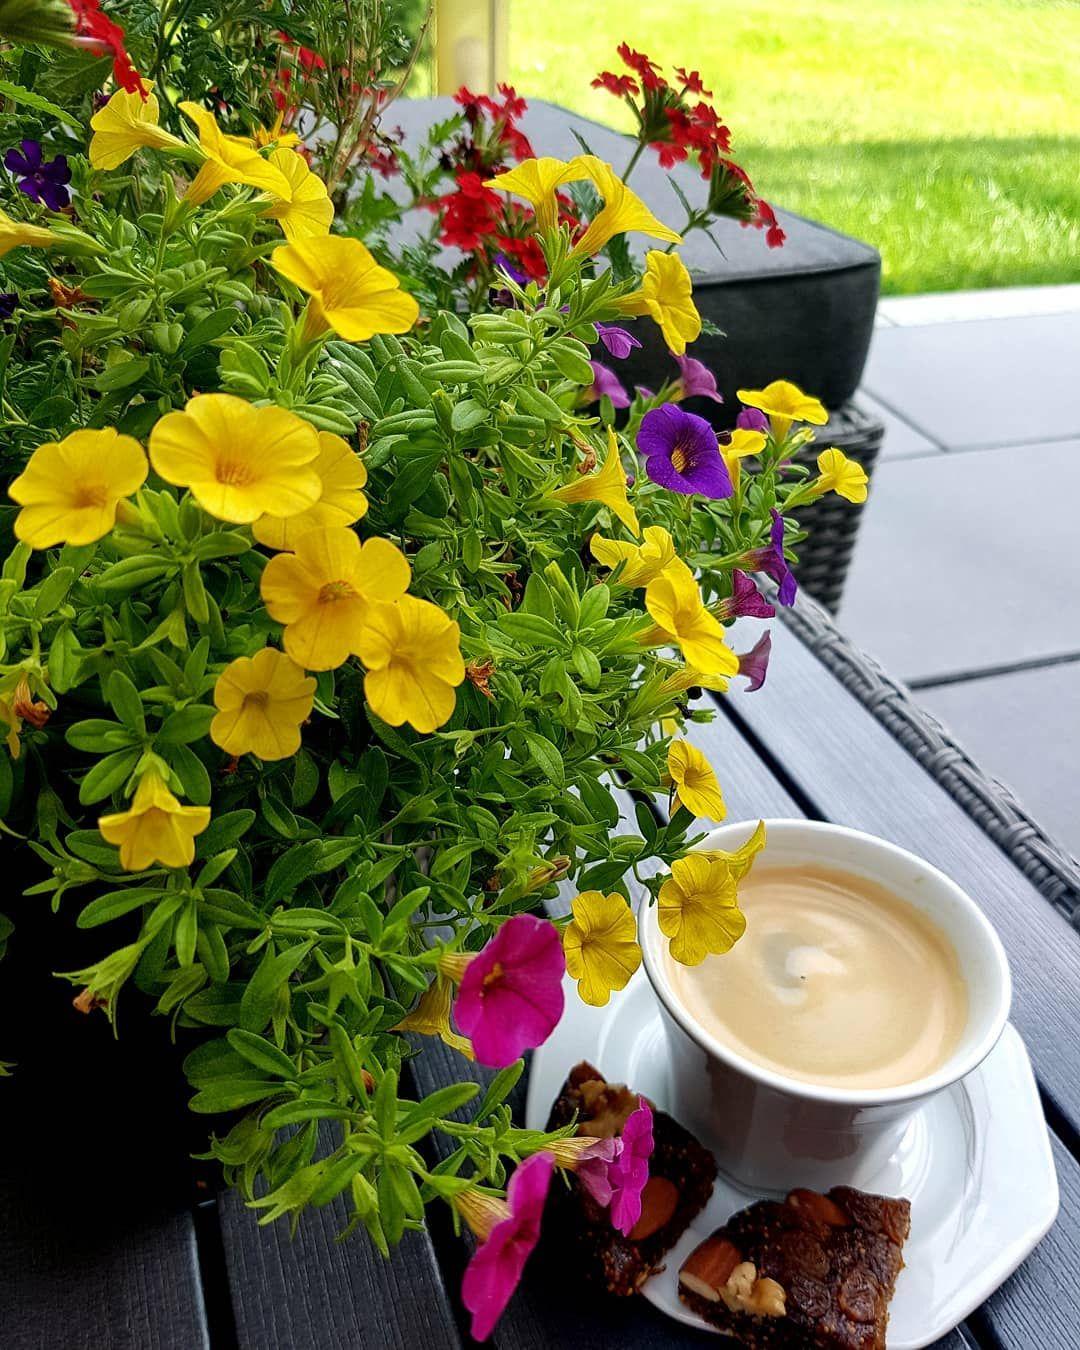 Dzisiejszy Dzien Spiacy Dzien Nastepna Kawa Aby Pomogla Kaffee Kaffetrinken Kaffeegeniessen Kaffezeit Coffeeholic Coffeetime Coffe Garten